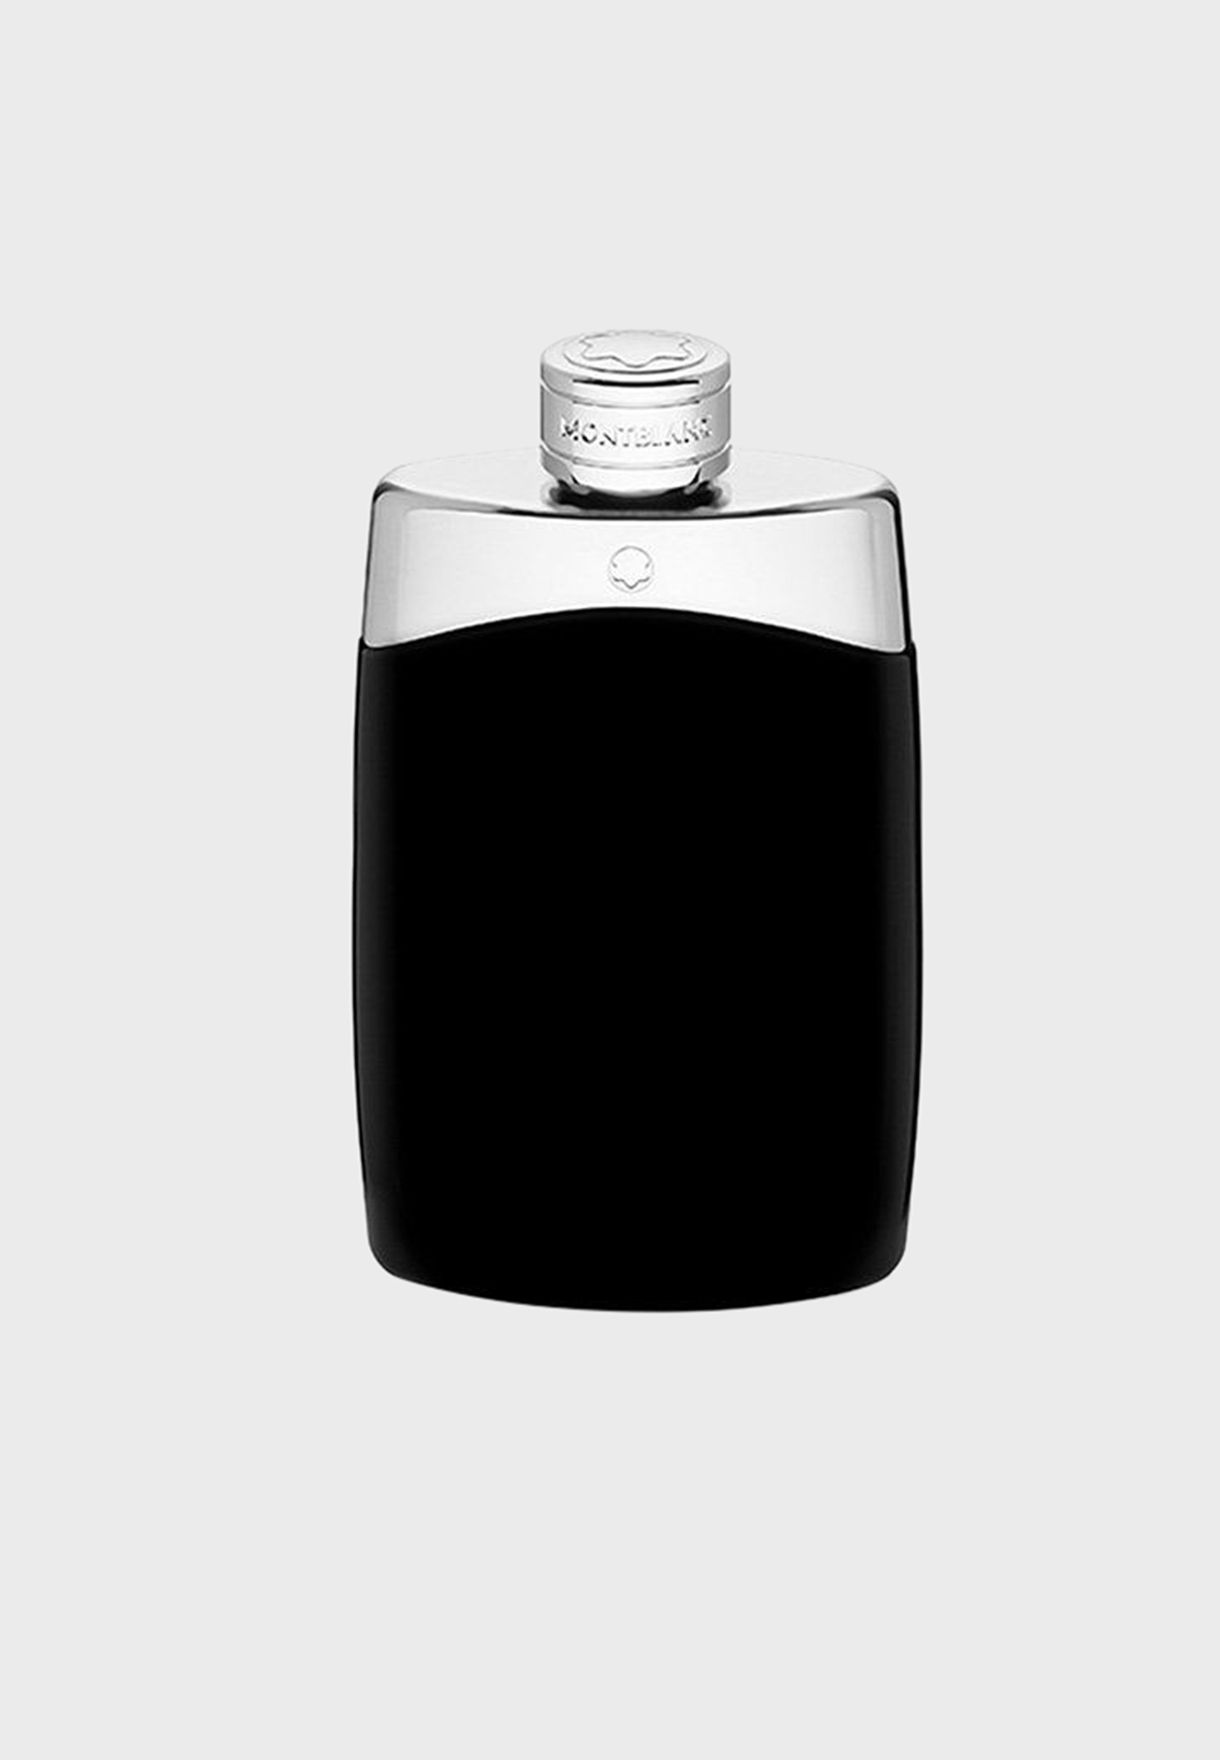 عطر ليجيند (او دو تواليت) 200 مل